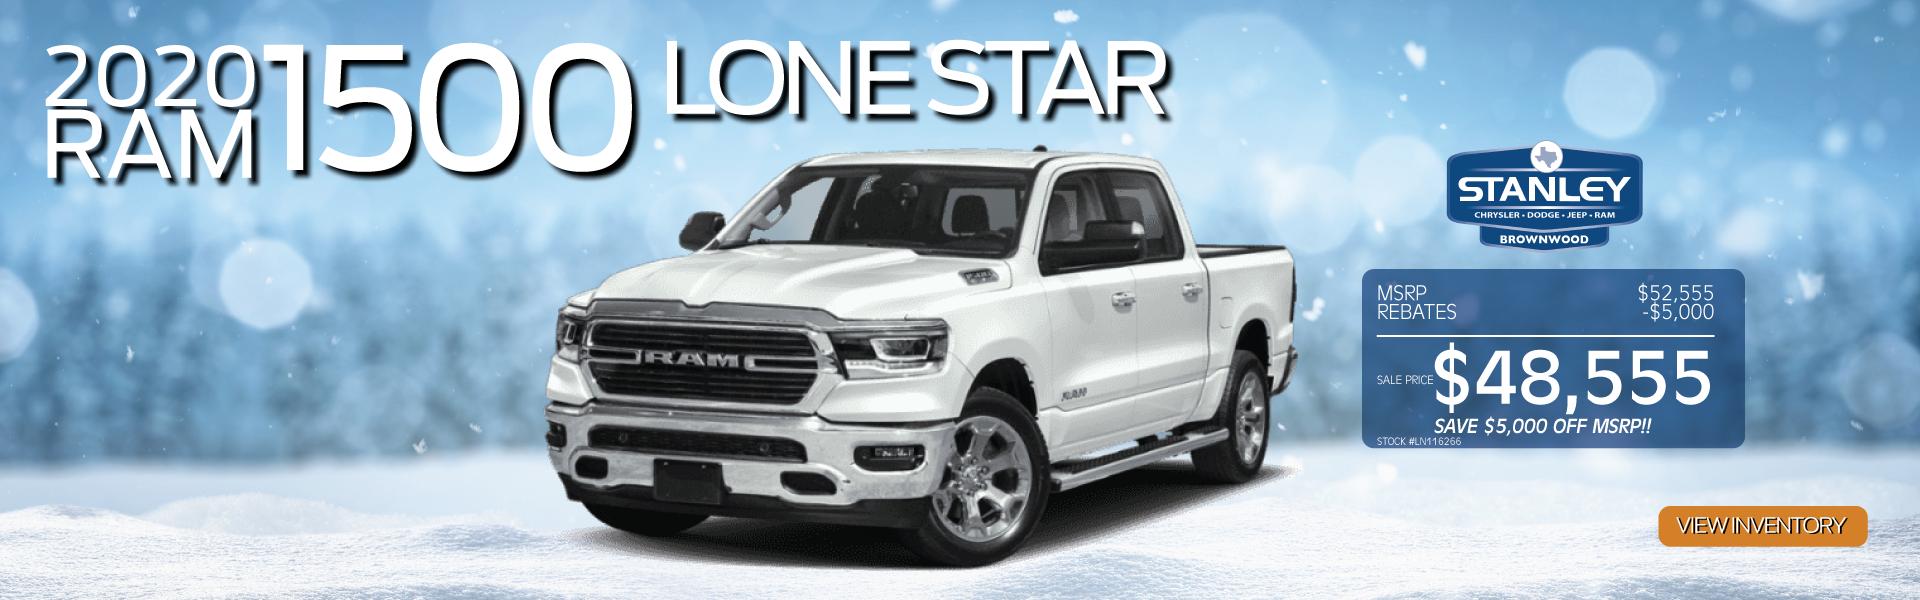 Ram 1500 Lonestar